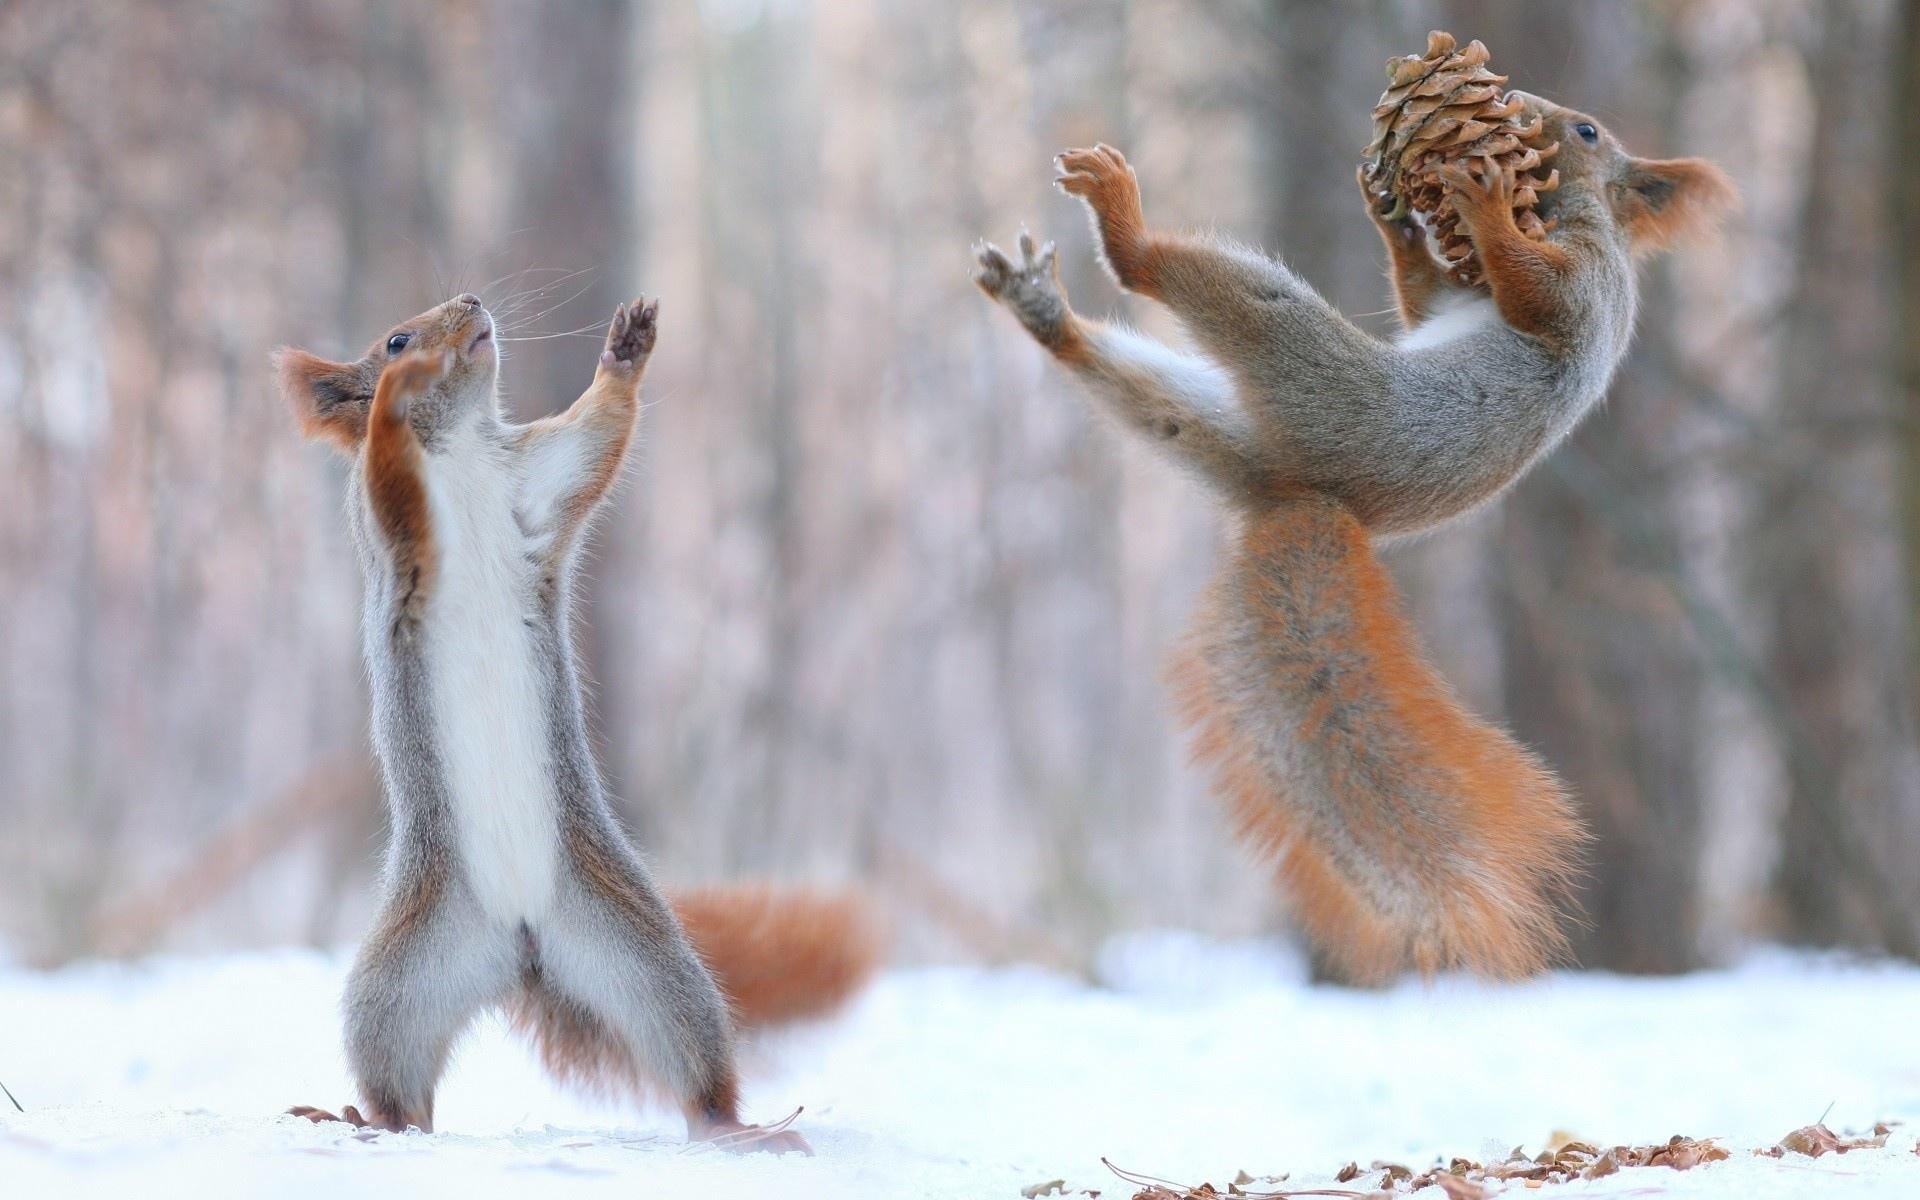 Открытка галине, смешные картинки зима